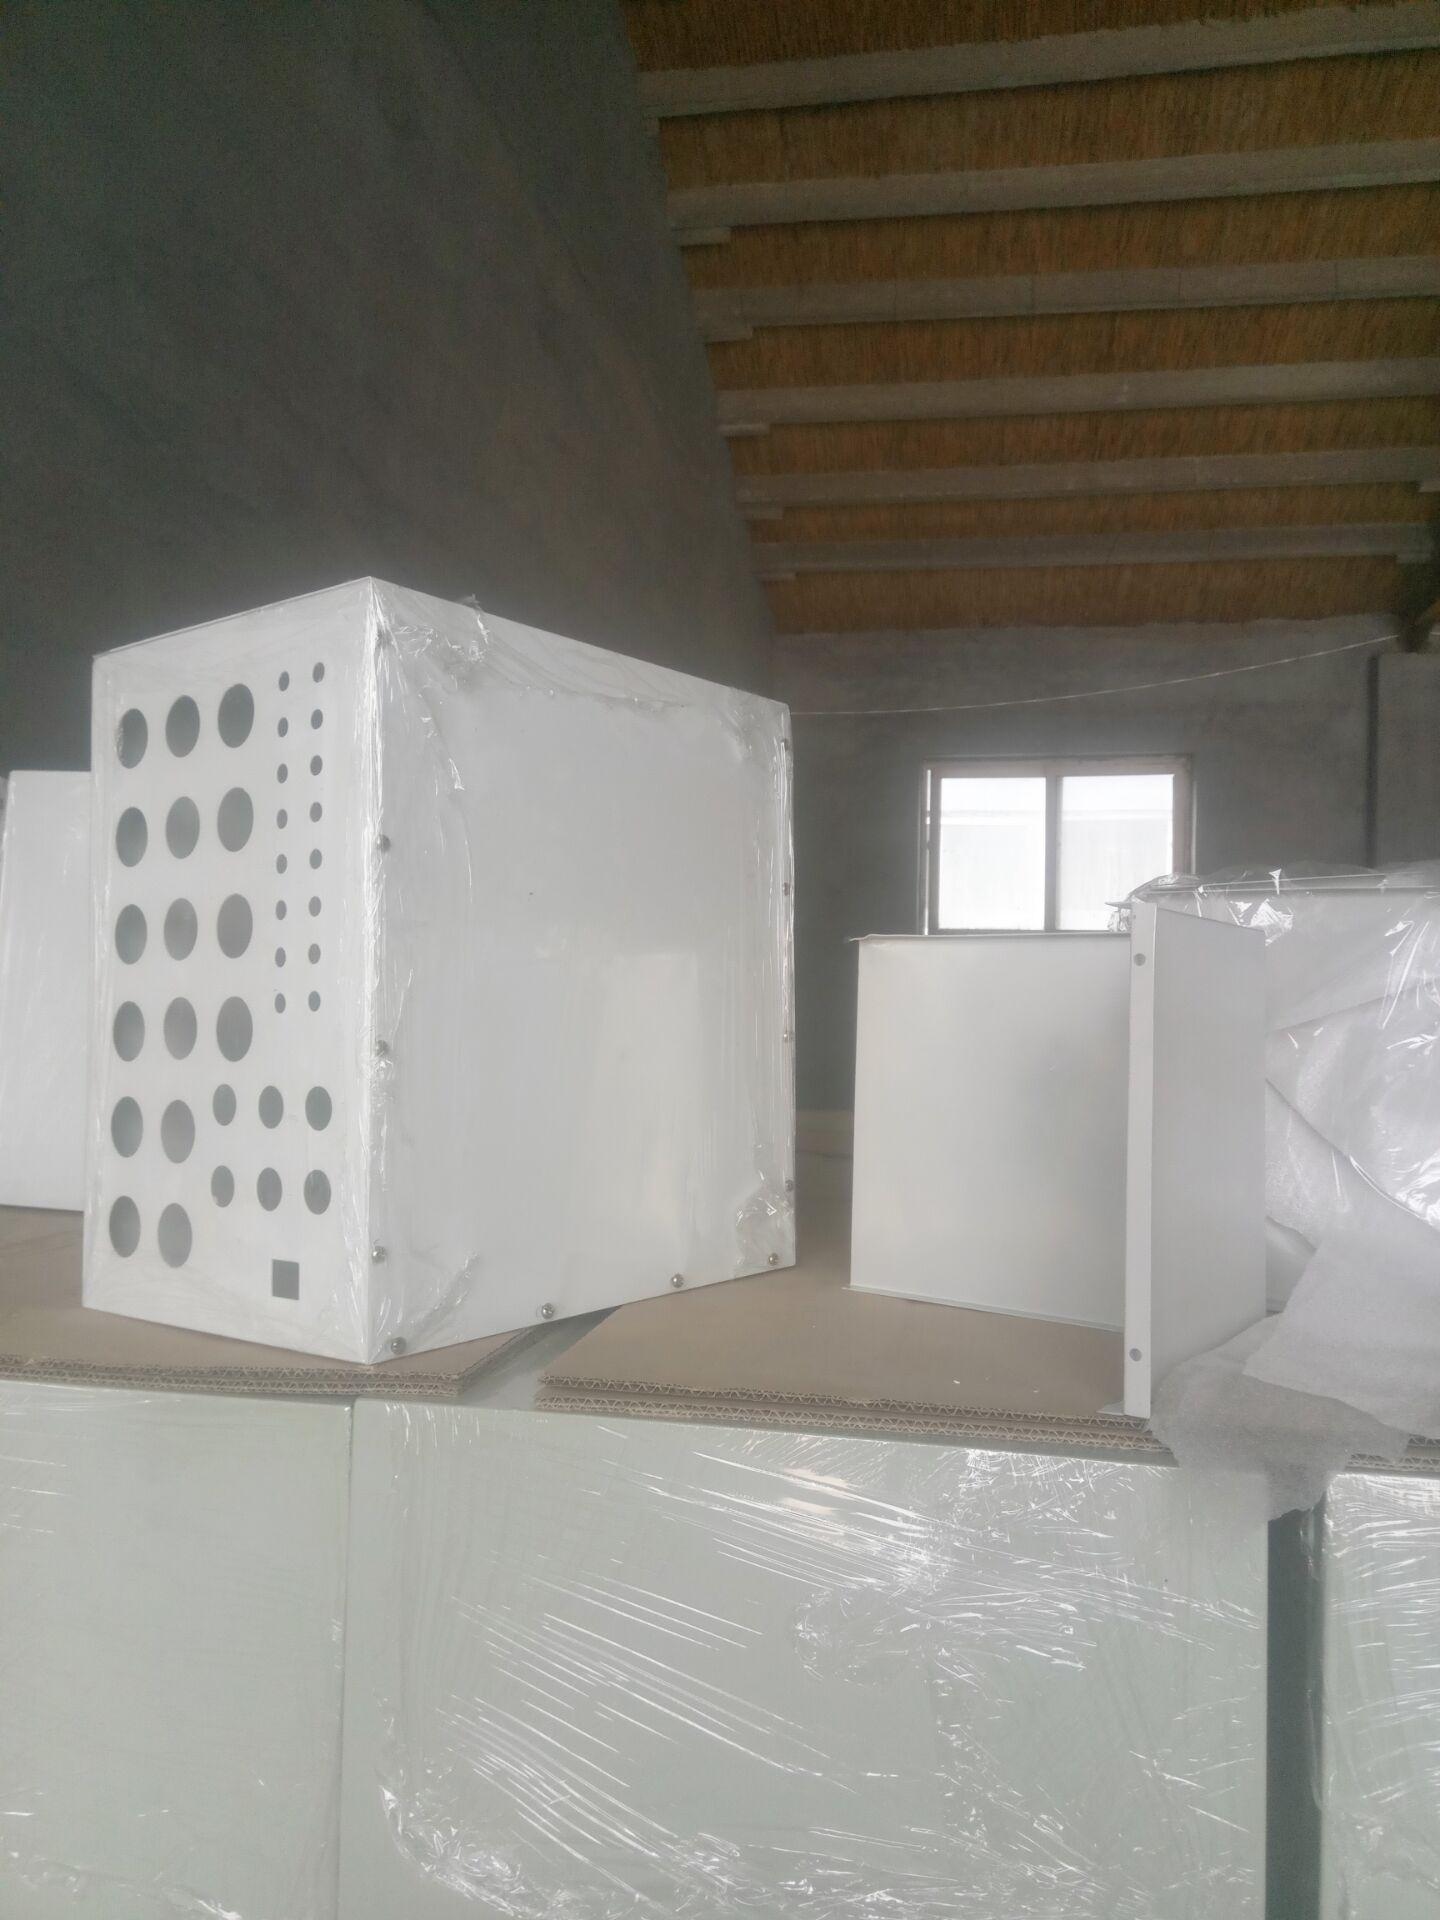 吐鲁番火灾束管监测系统